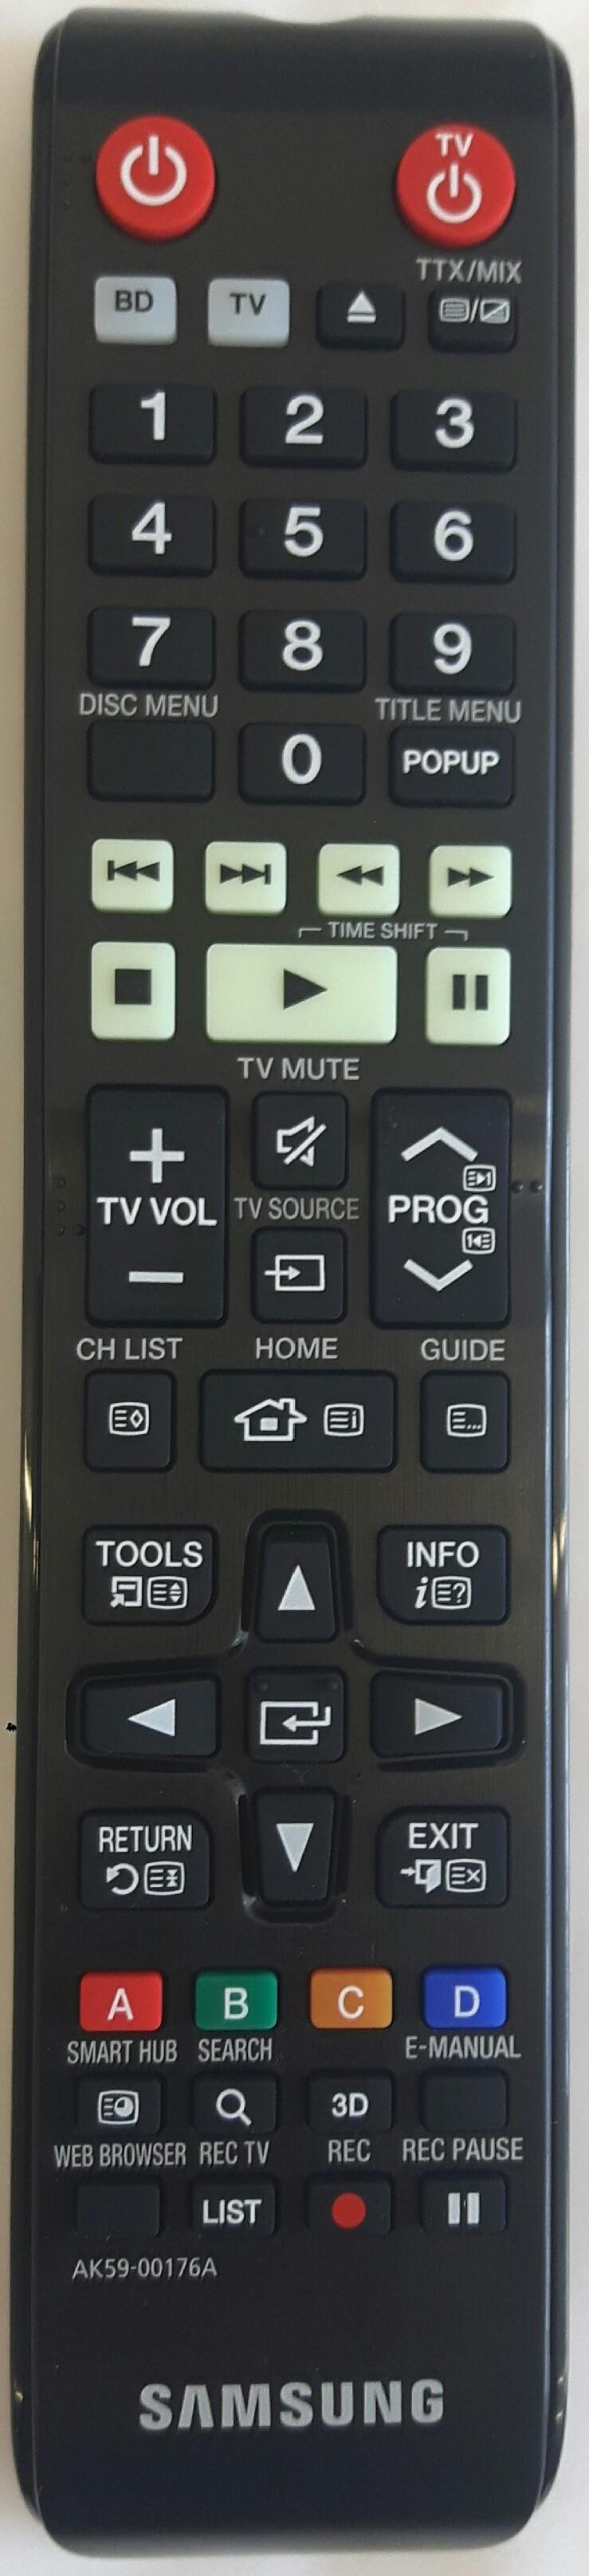 SAMSUNG AK59-00176A Remote Control Original